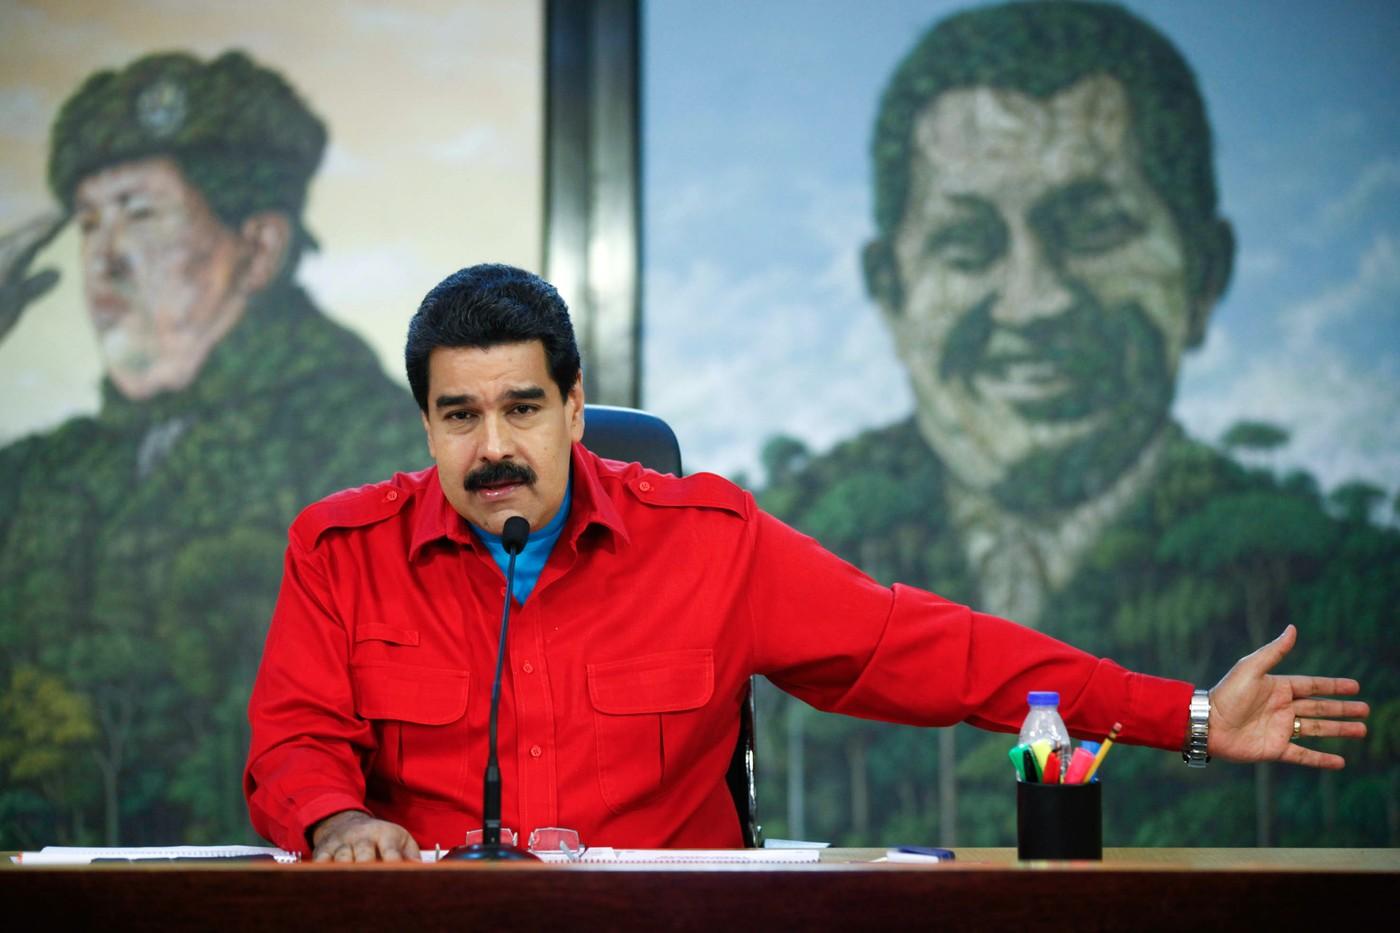 'Před soud se všemi těmi imperialisty,' hřímá venezuelský vůdce